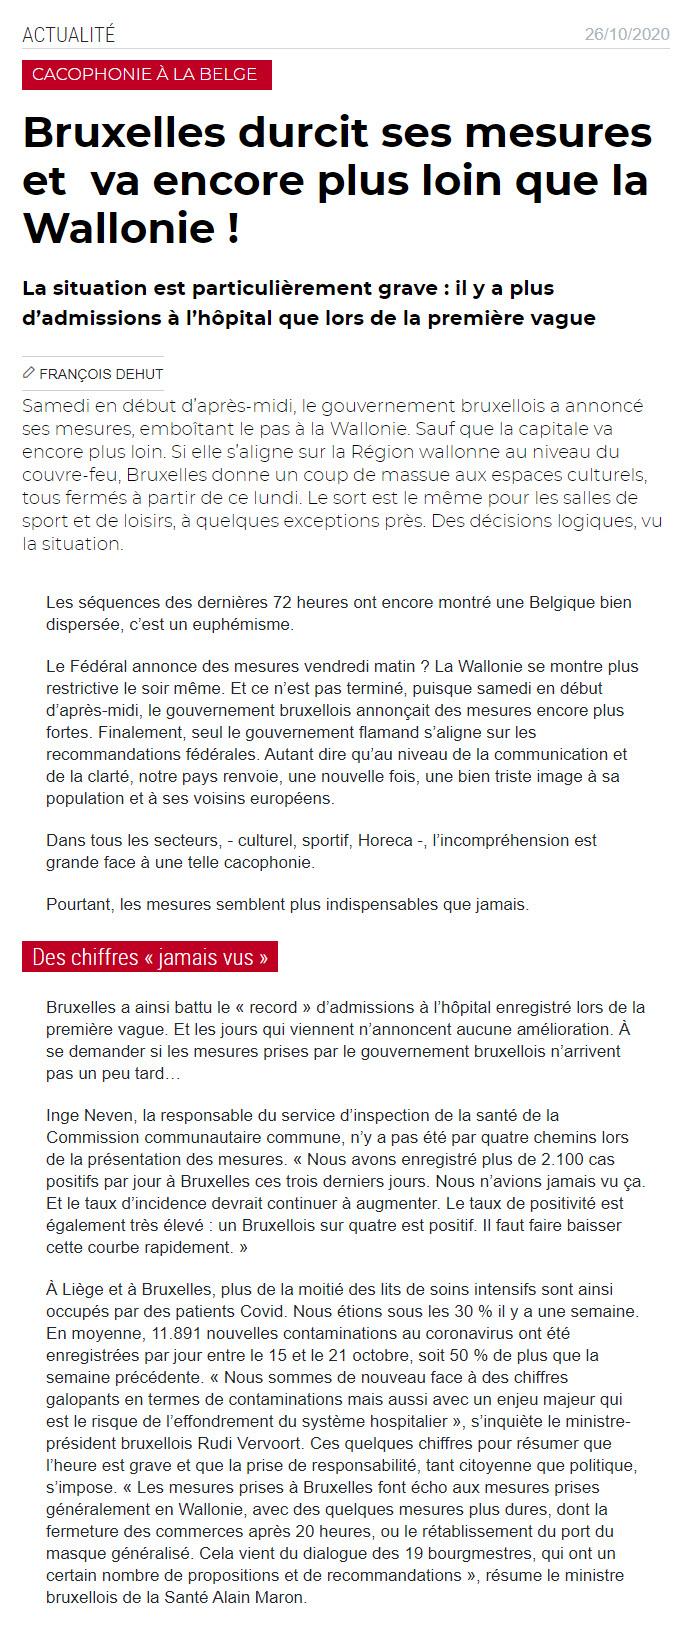 Cacophonie à la Belge - 26 oct